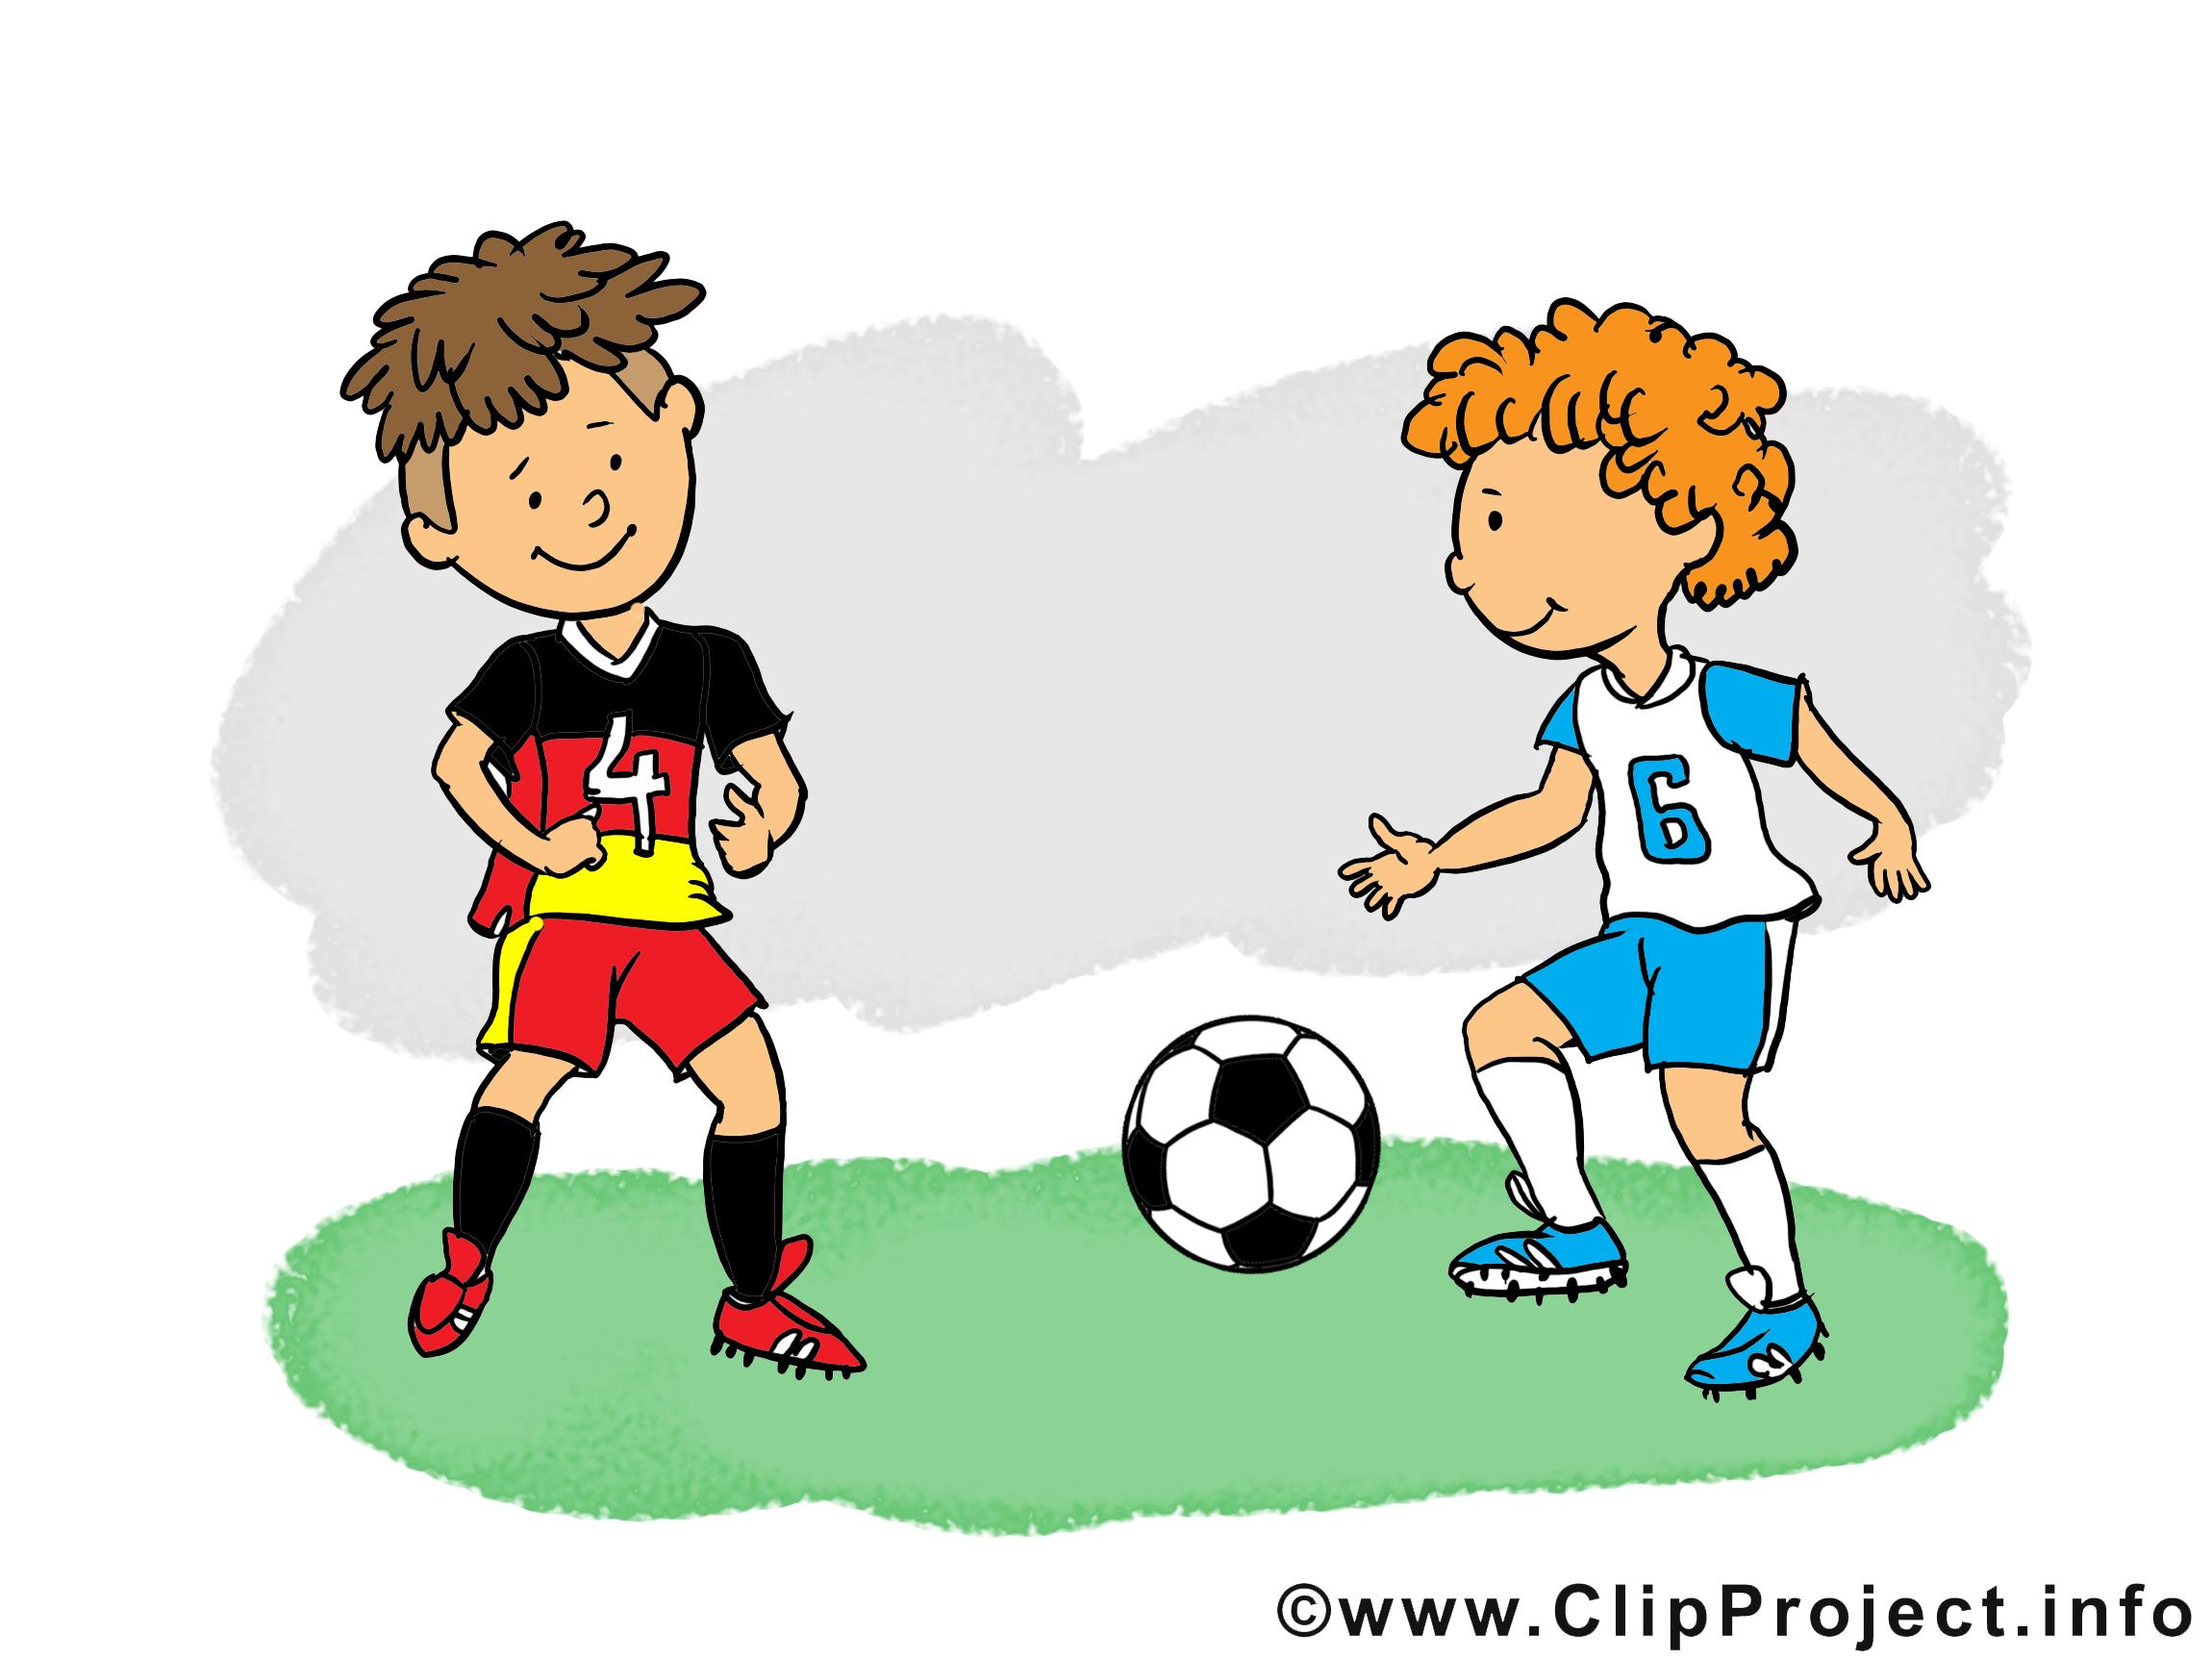 joueurs images - football dessins gratuits